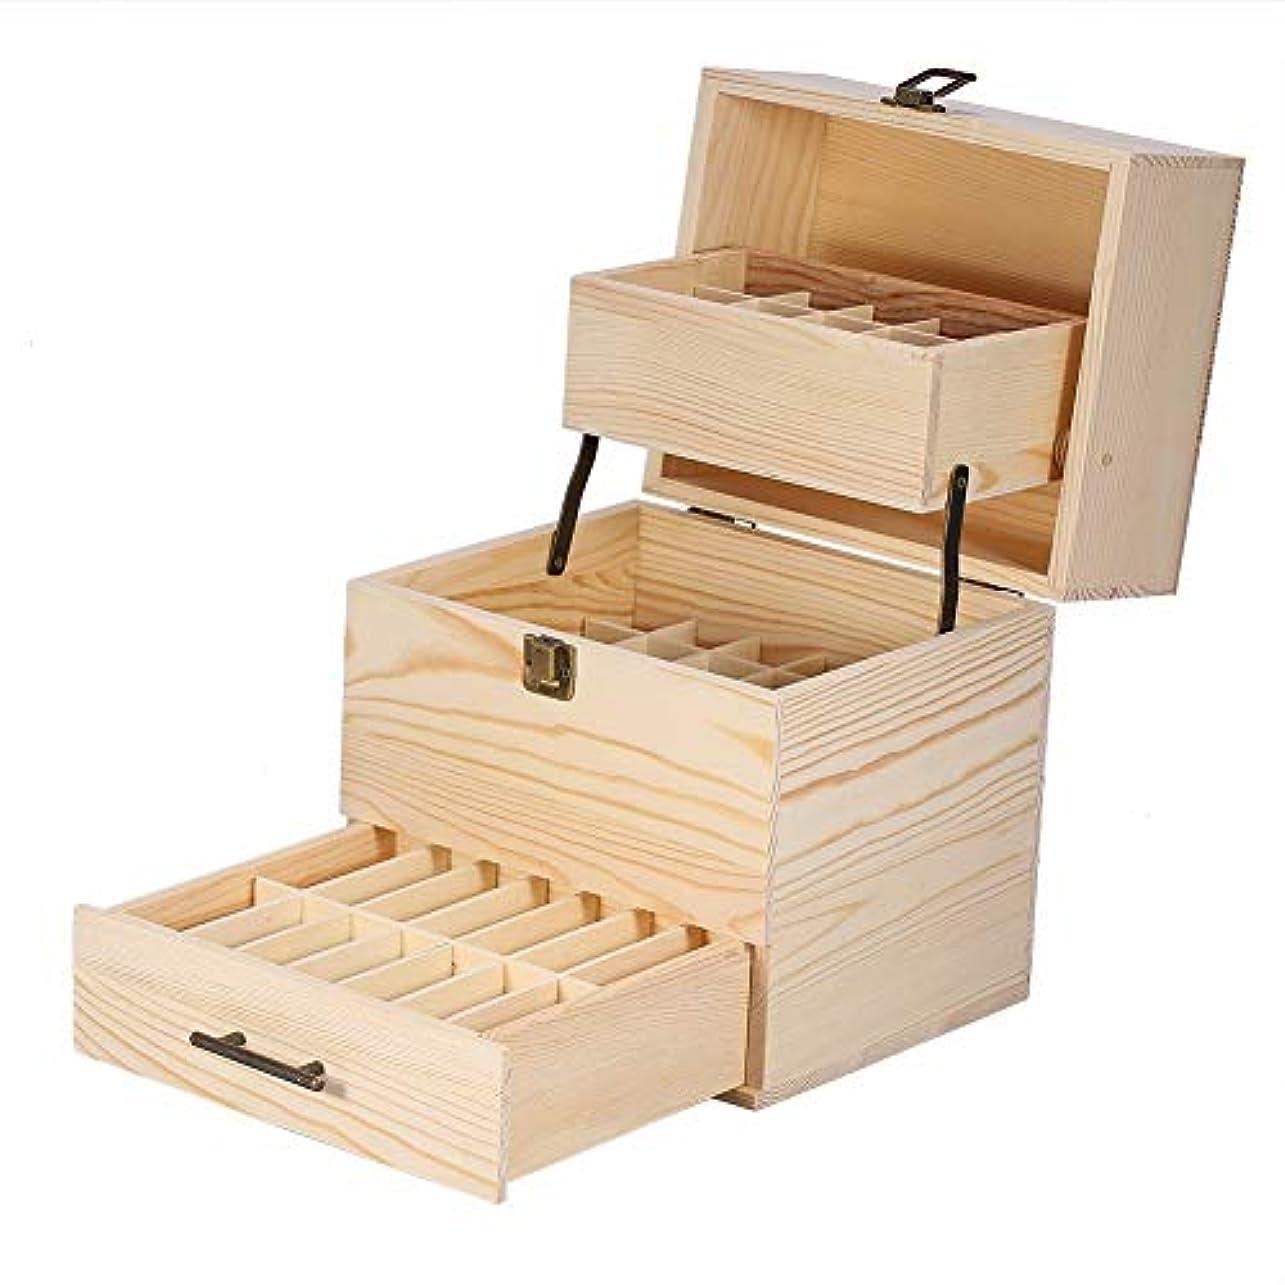 汚染されたくちばし中間木製の三層エッセンシャルオイル収納ボックス